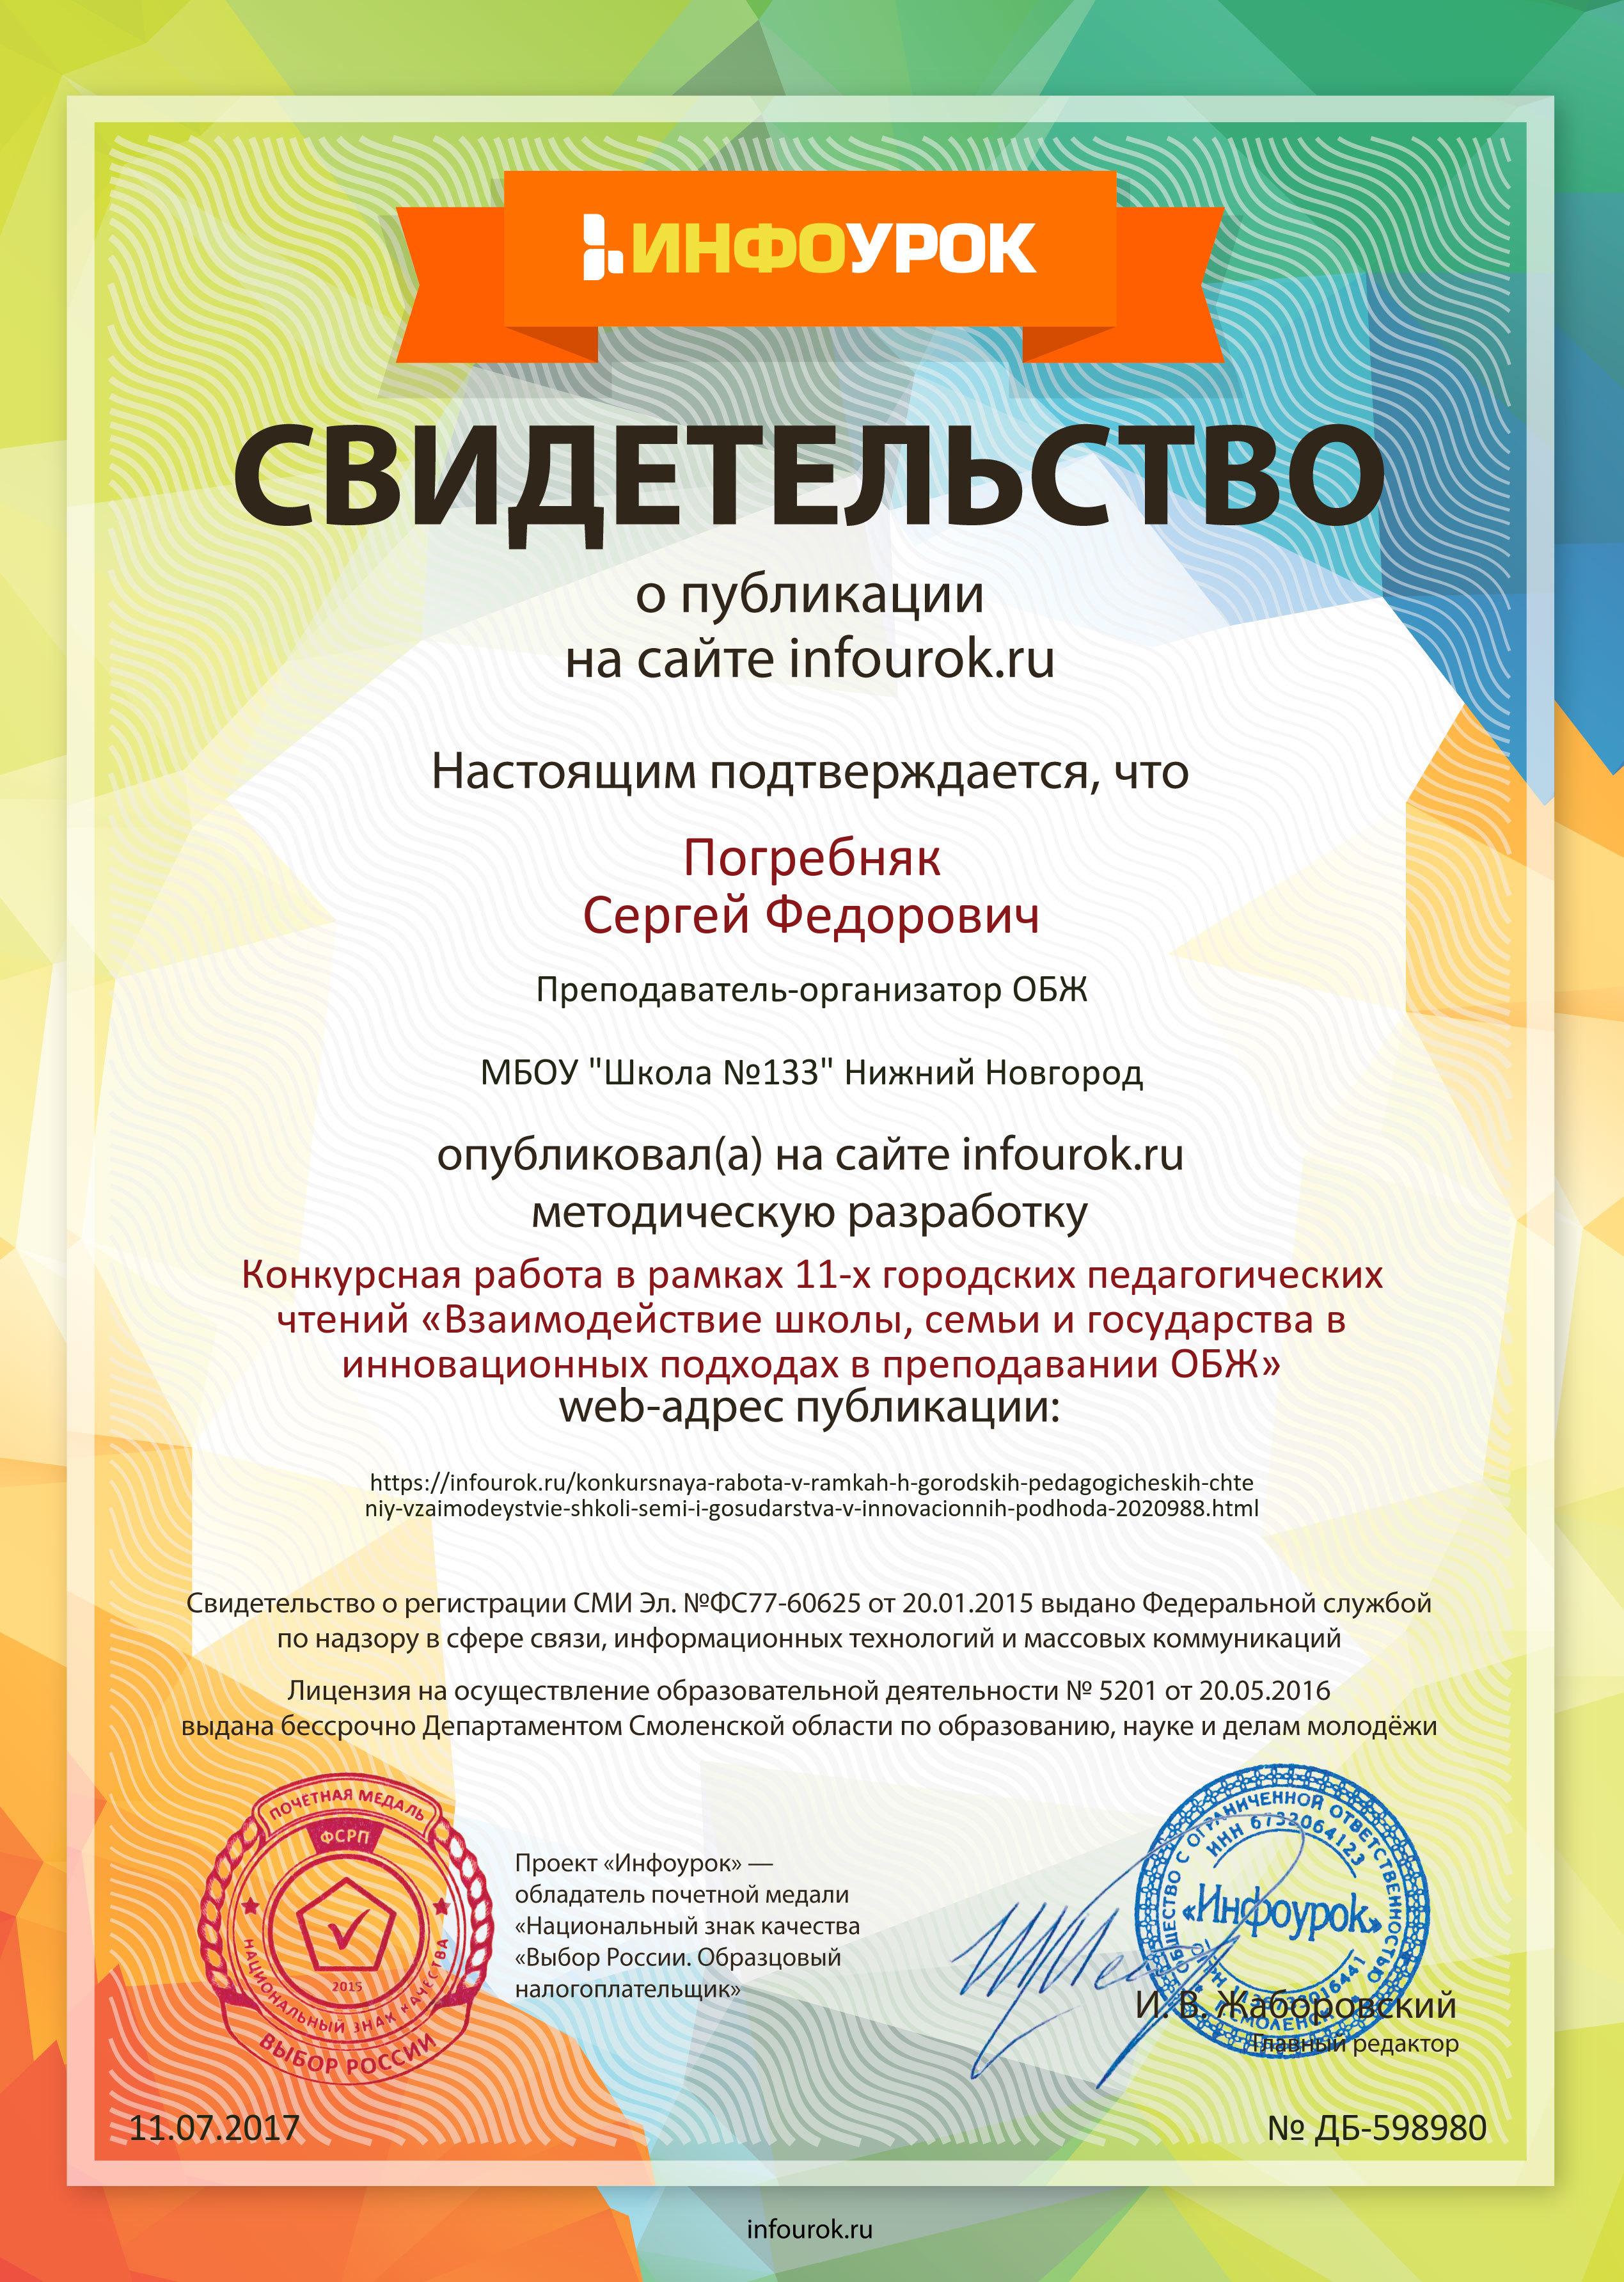 Свидетельство проекта infourok.ru №598980.jpg